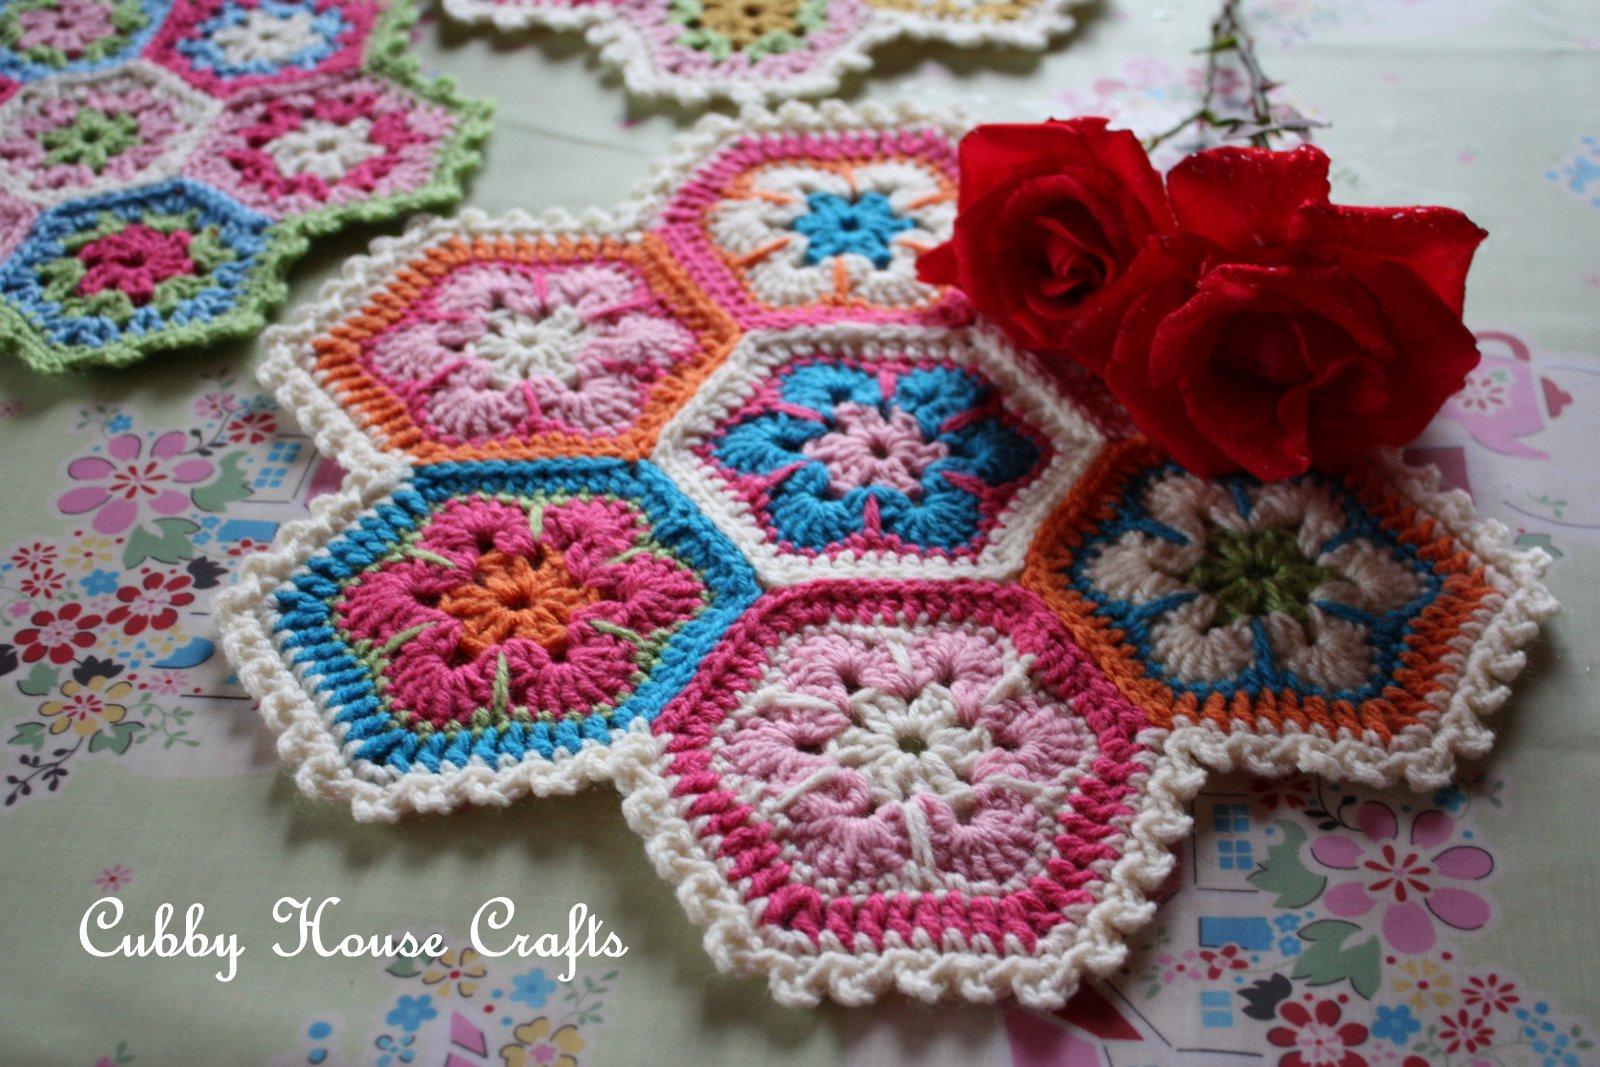 Cubby House Crafts: Crochet African Flower Hexagon